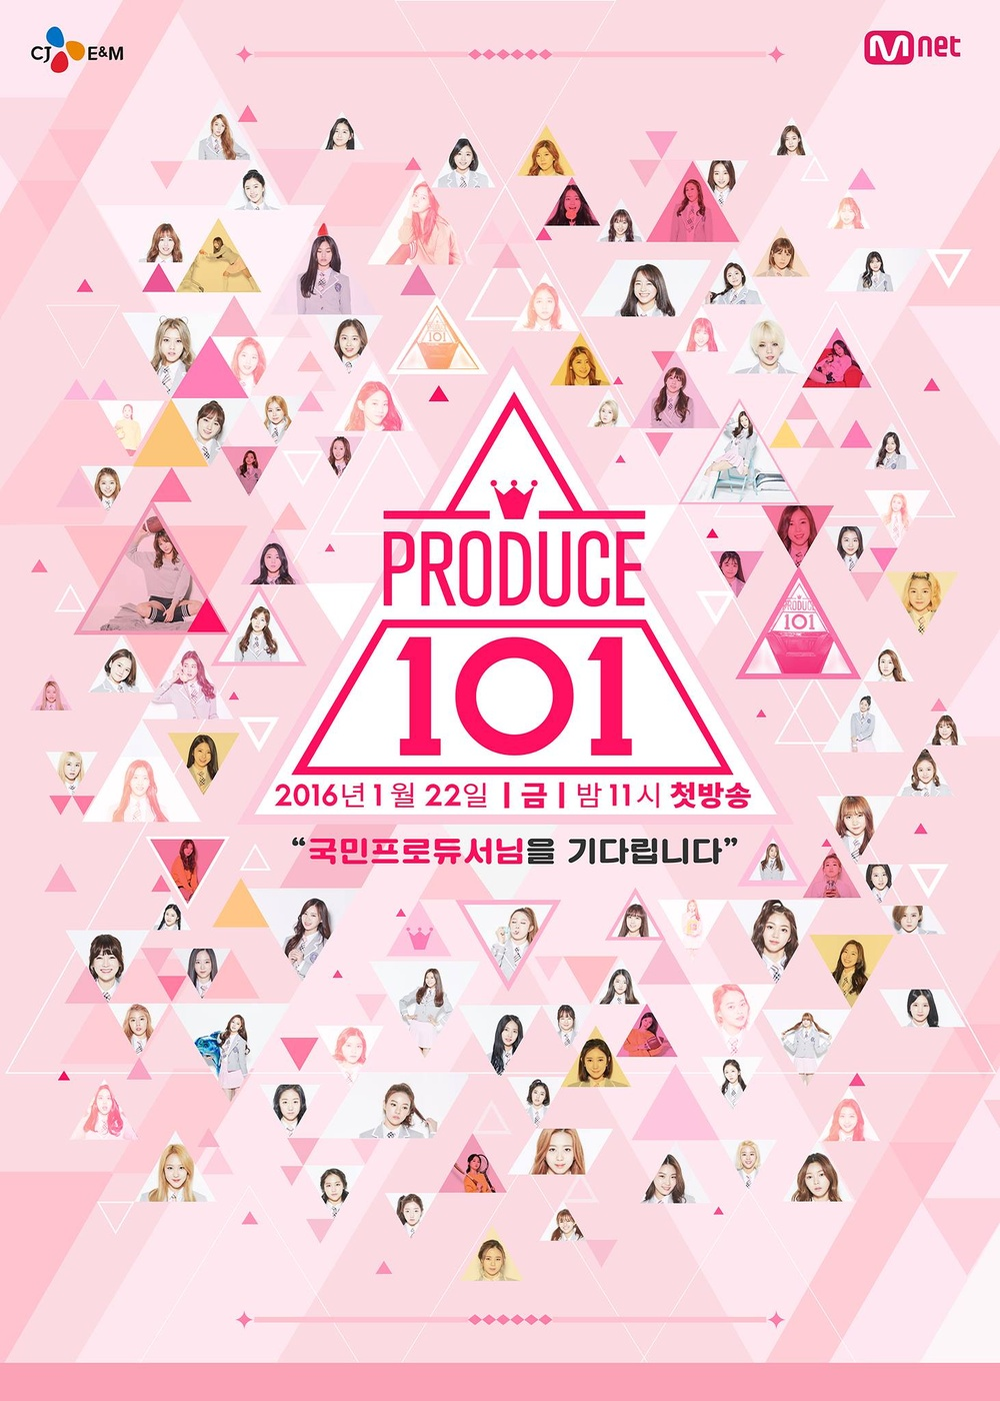 Xác nhận thao túng 3 TTS vào đội hình Wanna One và I.O.I, nhà sản xuất 'Produce 101' dự bị phạt 2,3 tỷ đồng Ảnh 1